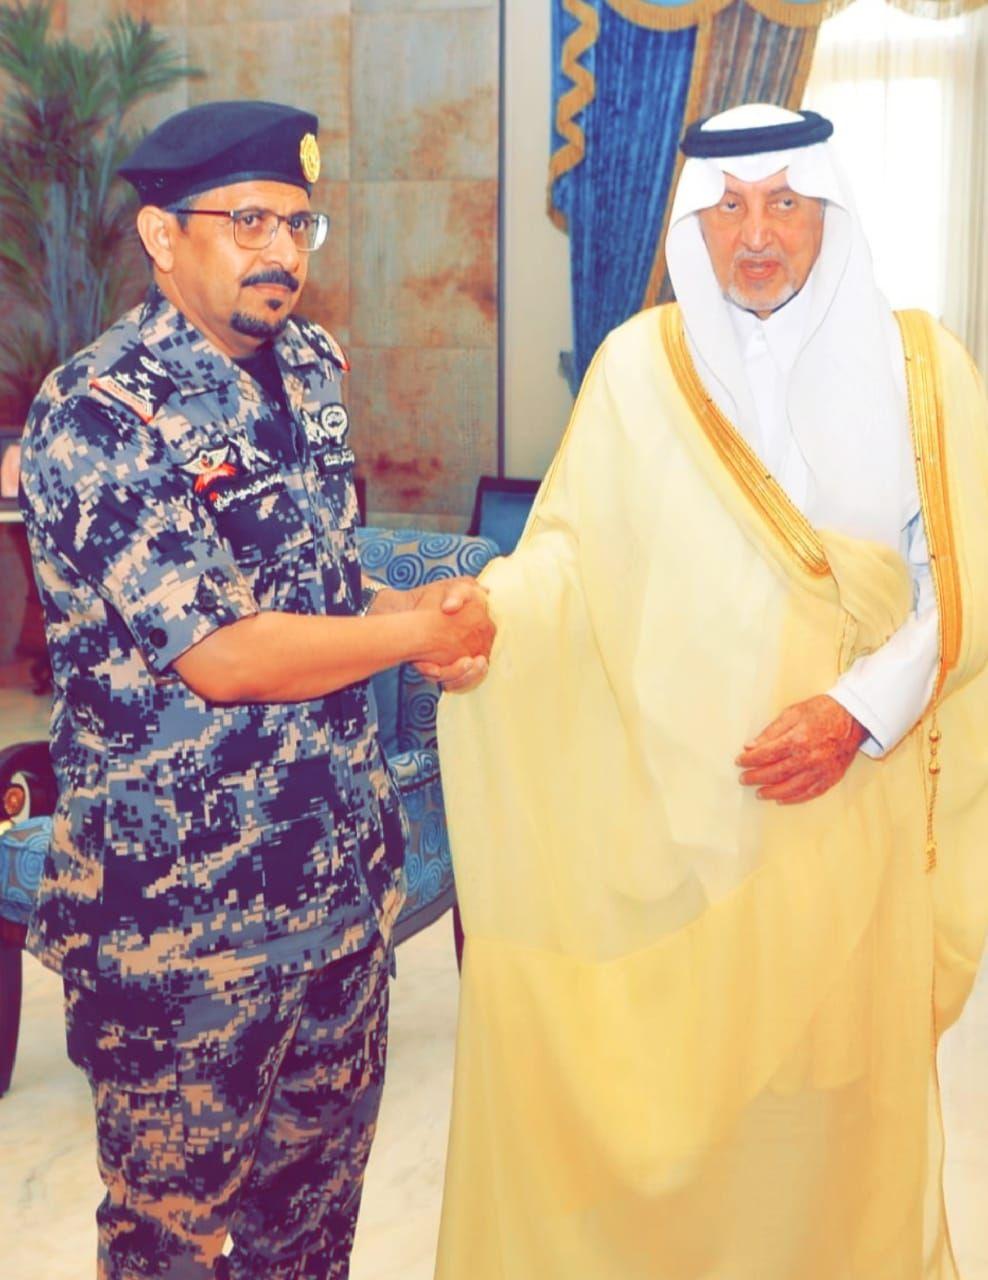 أمير منطقة مكة المكرمة يقلد مساعد قائد قوة أمن المنشآت رتبته الجديدة